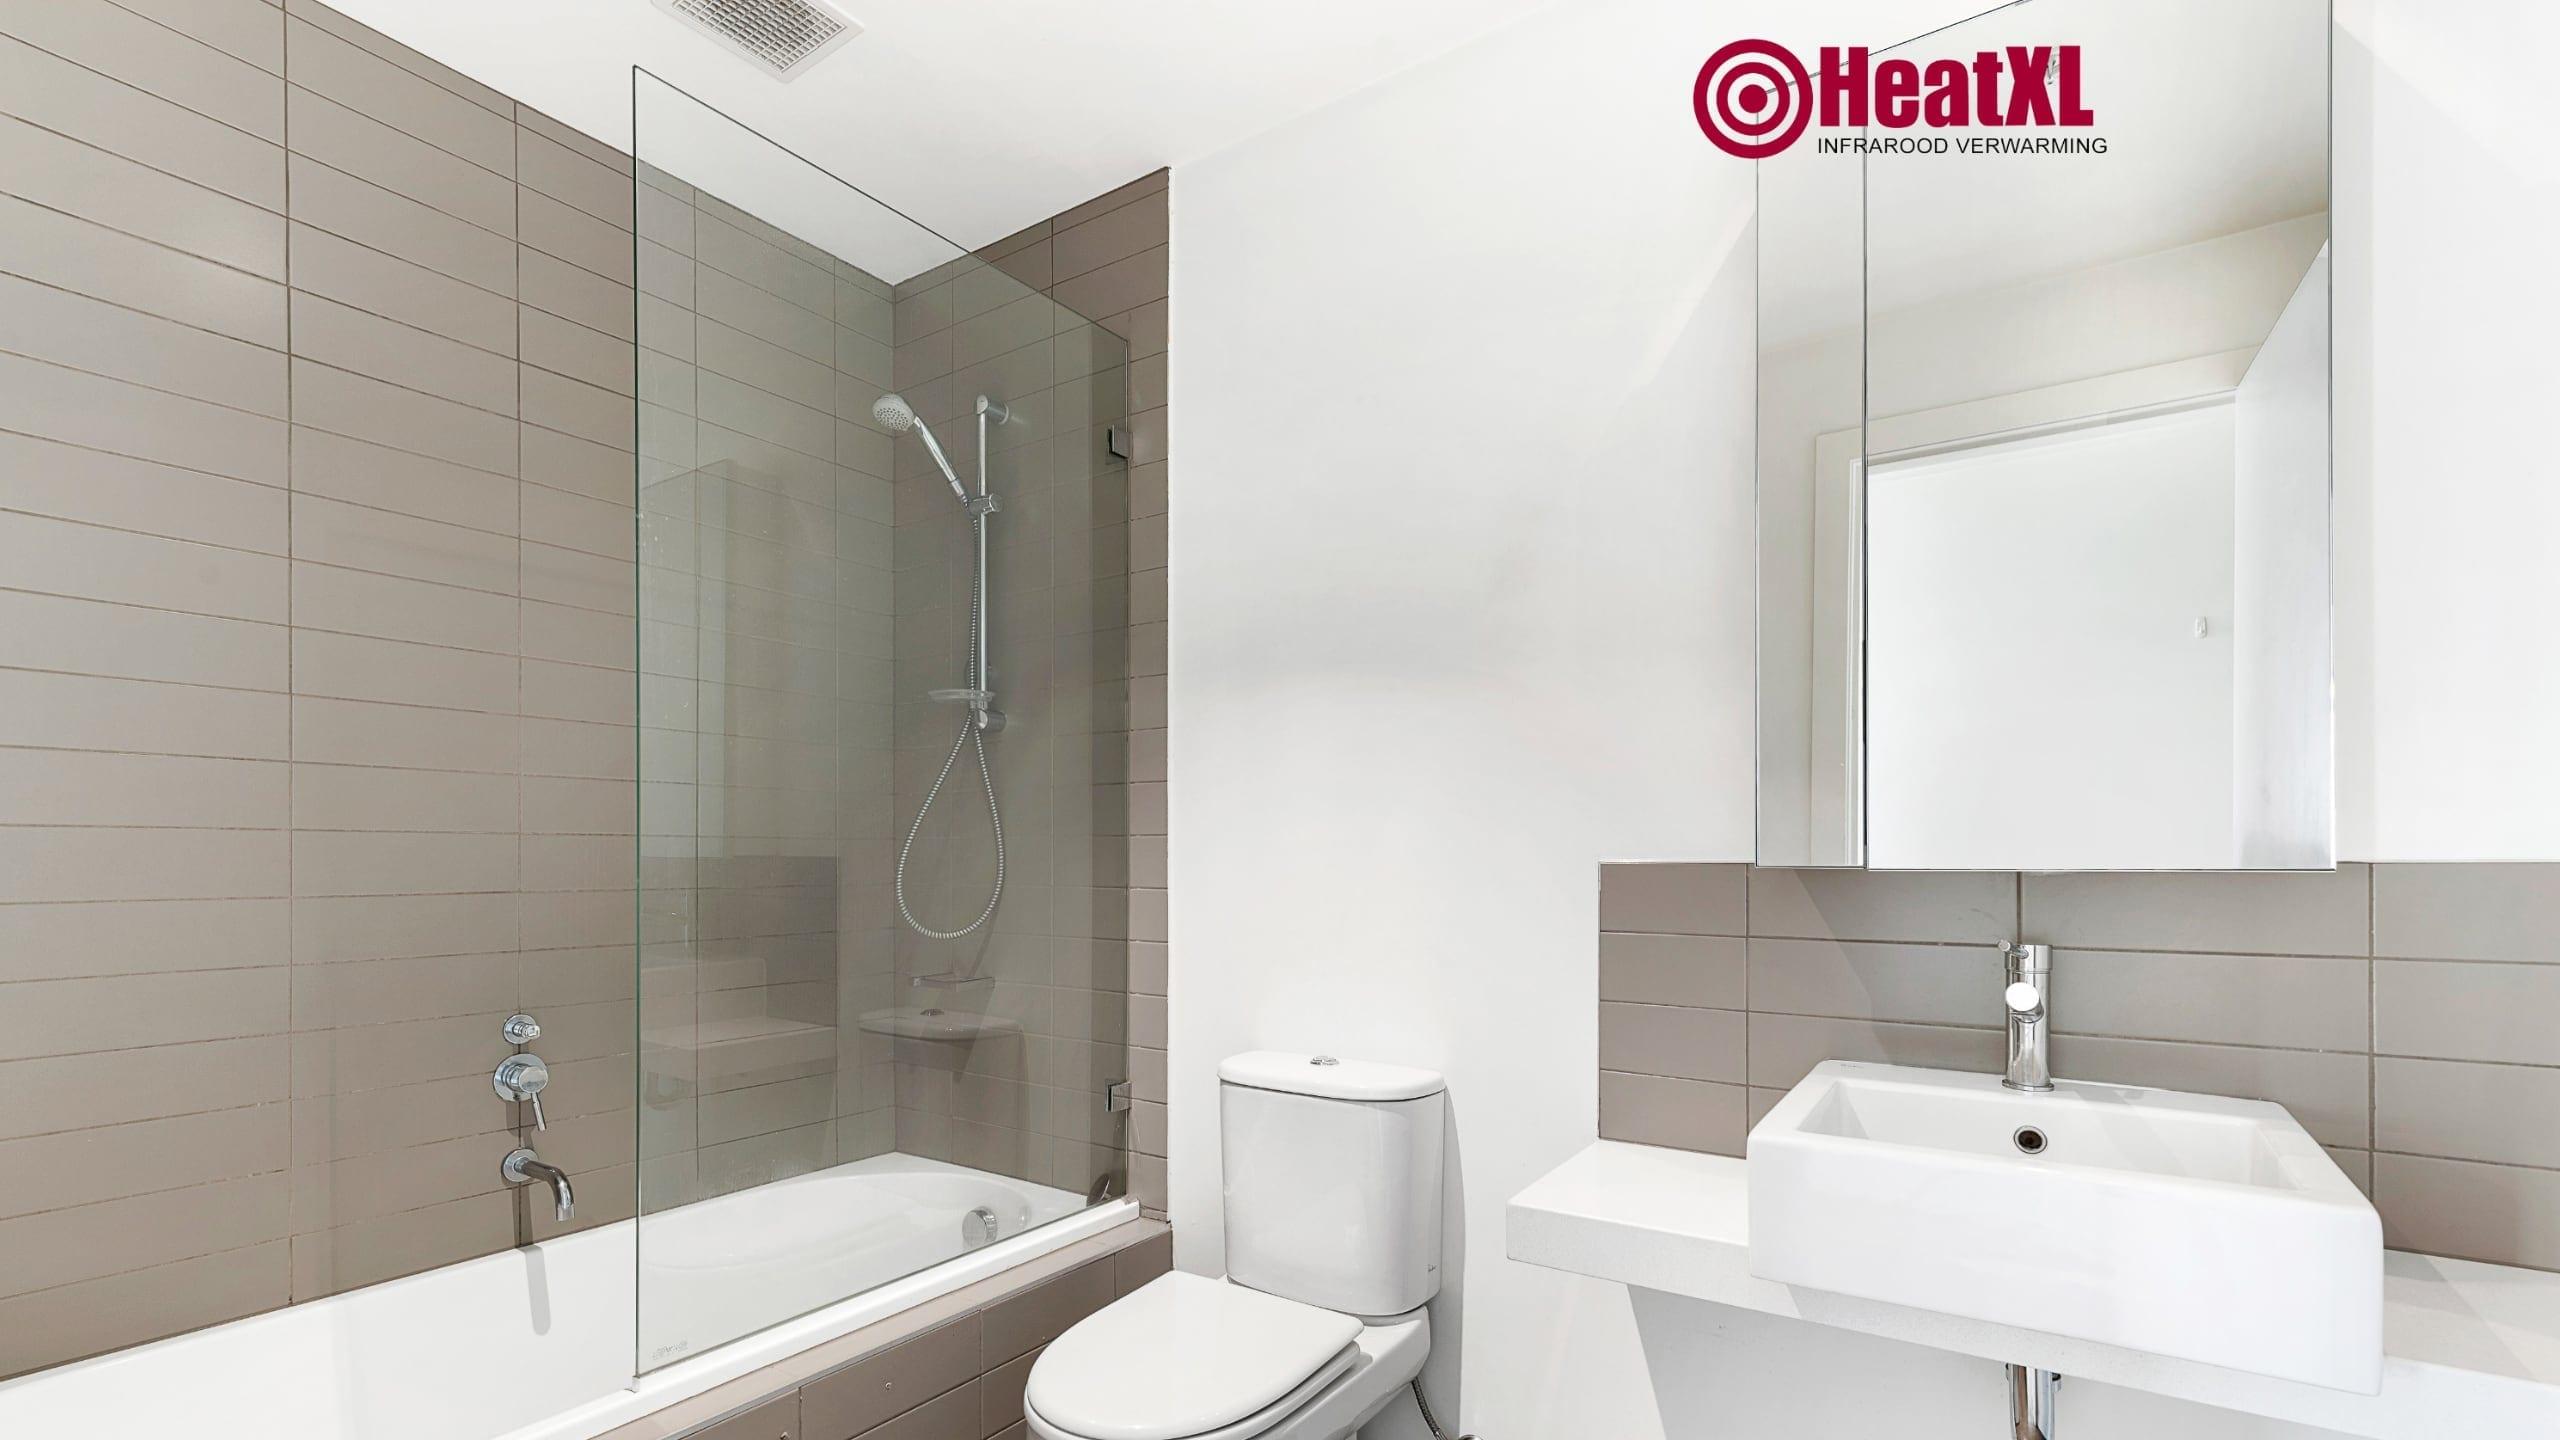 badkamer verwarming infrarood badkamer infraroodpaneel badkamer spiegel met verwarming infrarood spiegel 2